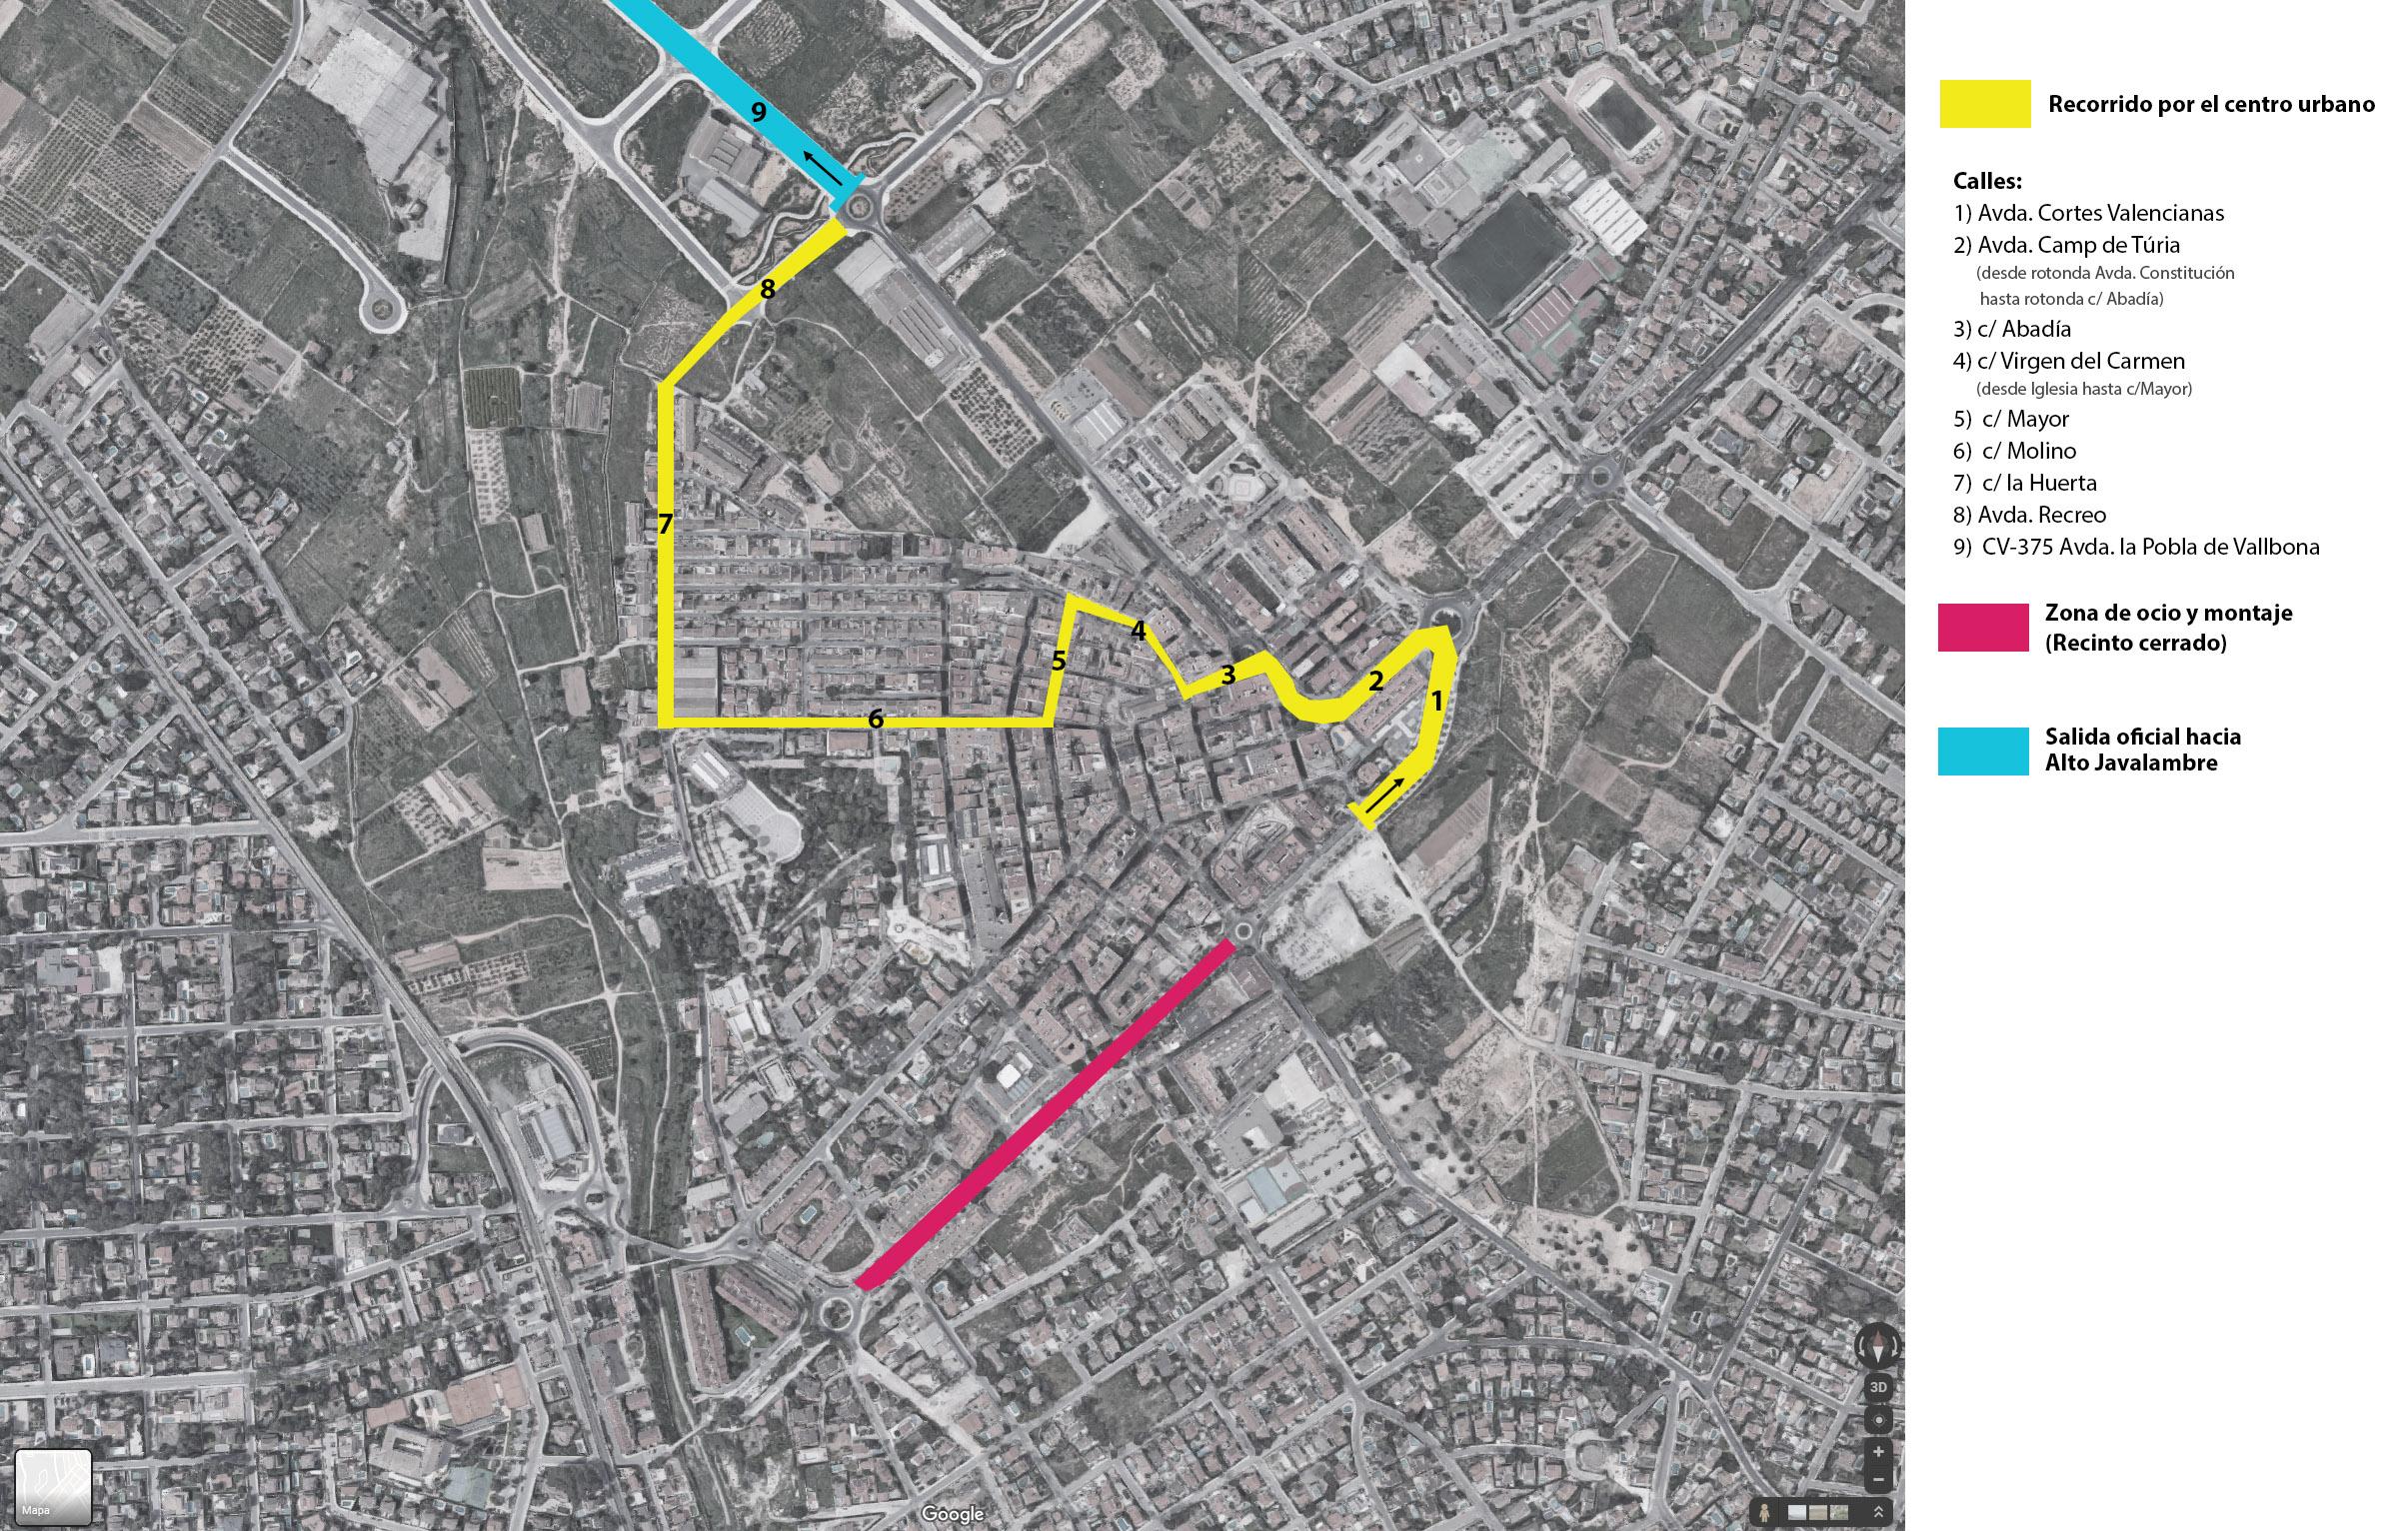 La 5ª etapa de la Vuelta Ciclista realizará su recorrido controlado por el casco urbano del municipio